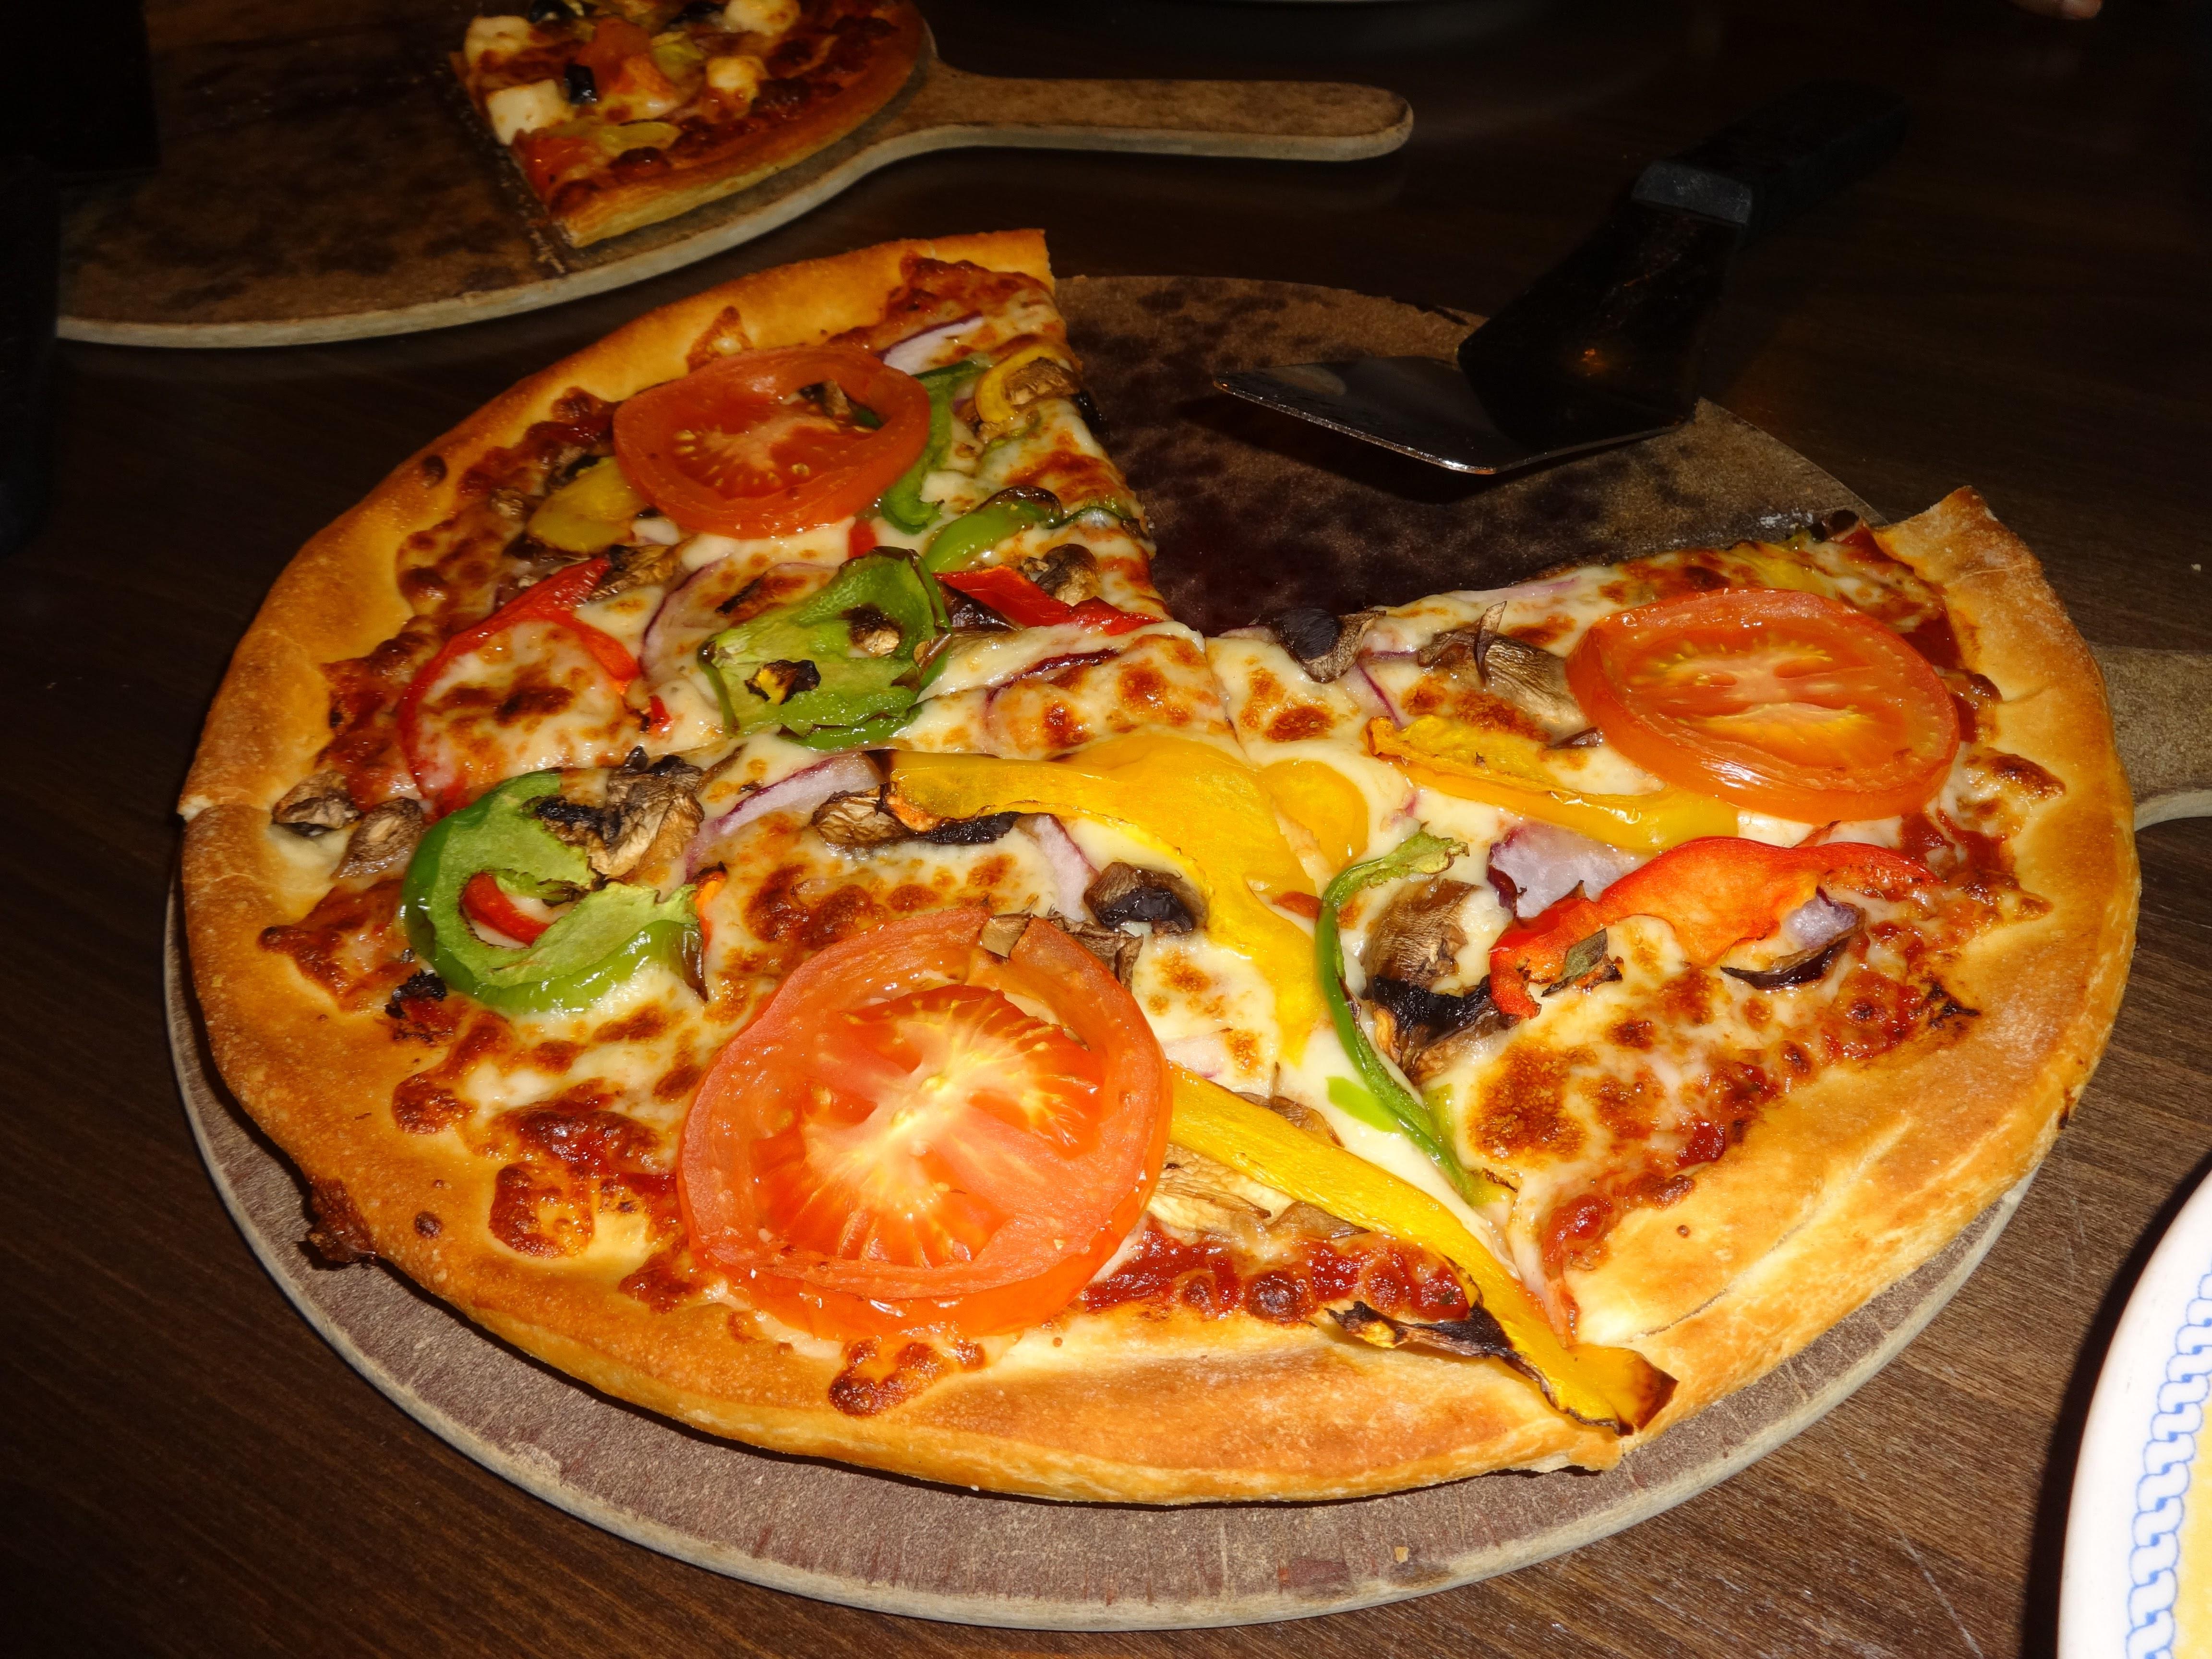 Pizza Hut in Helsinki